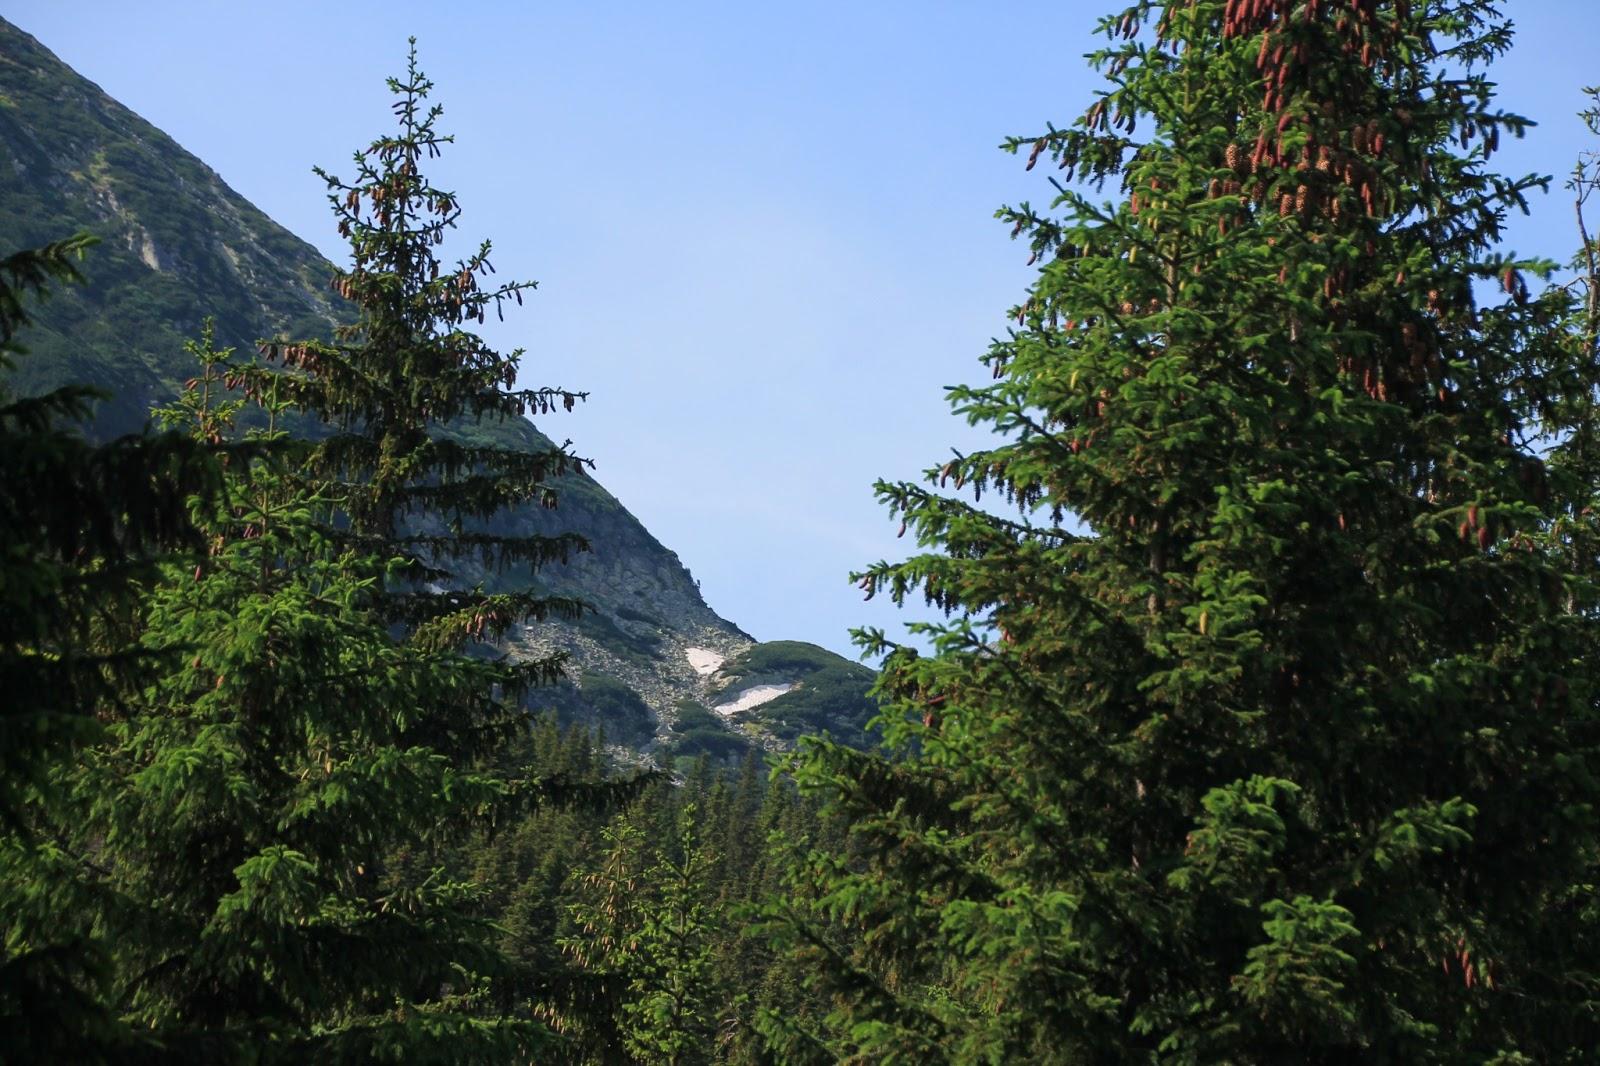 Parcul Național Retezat, printre conifere